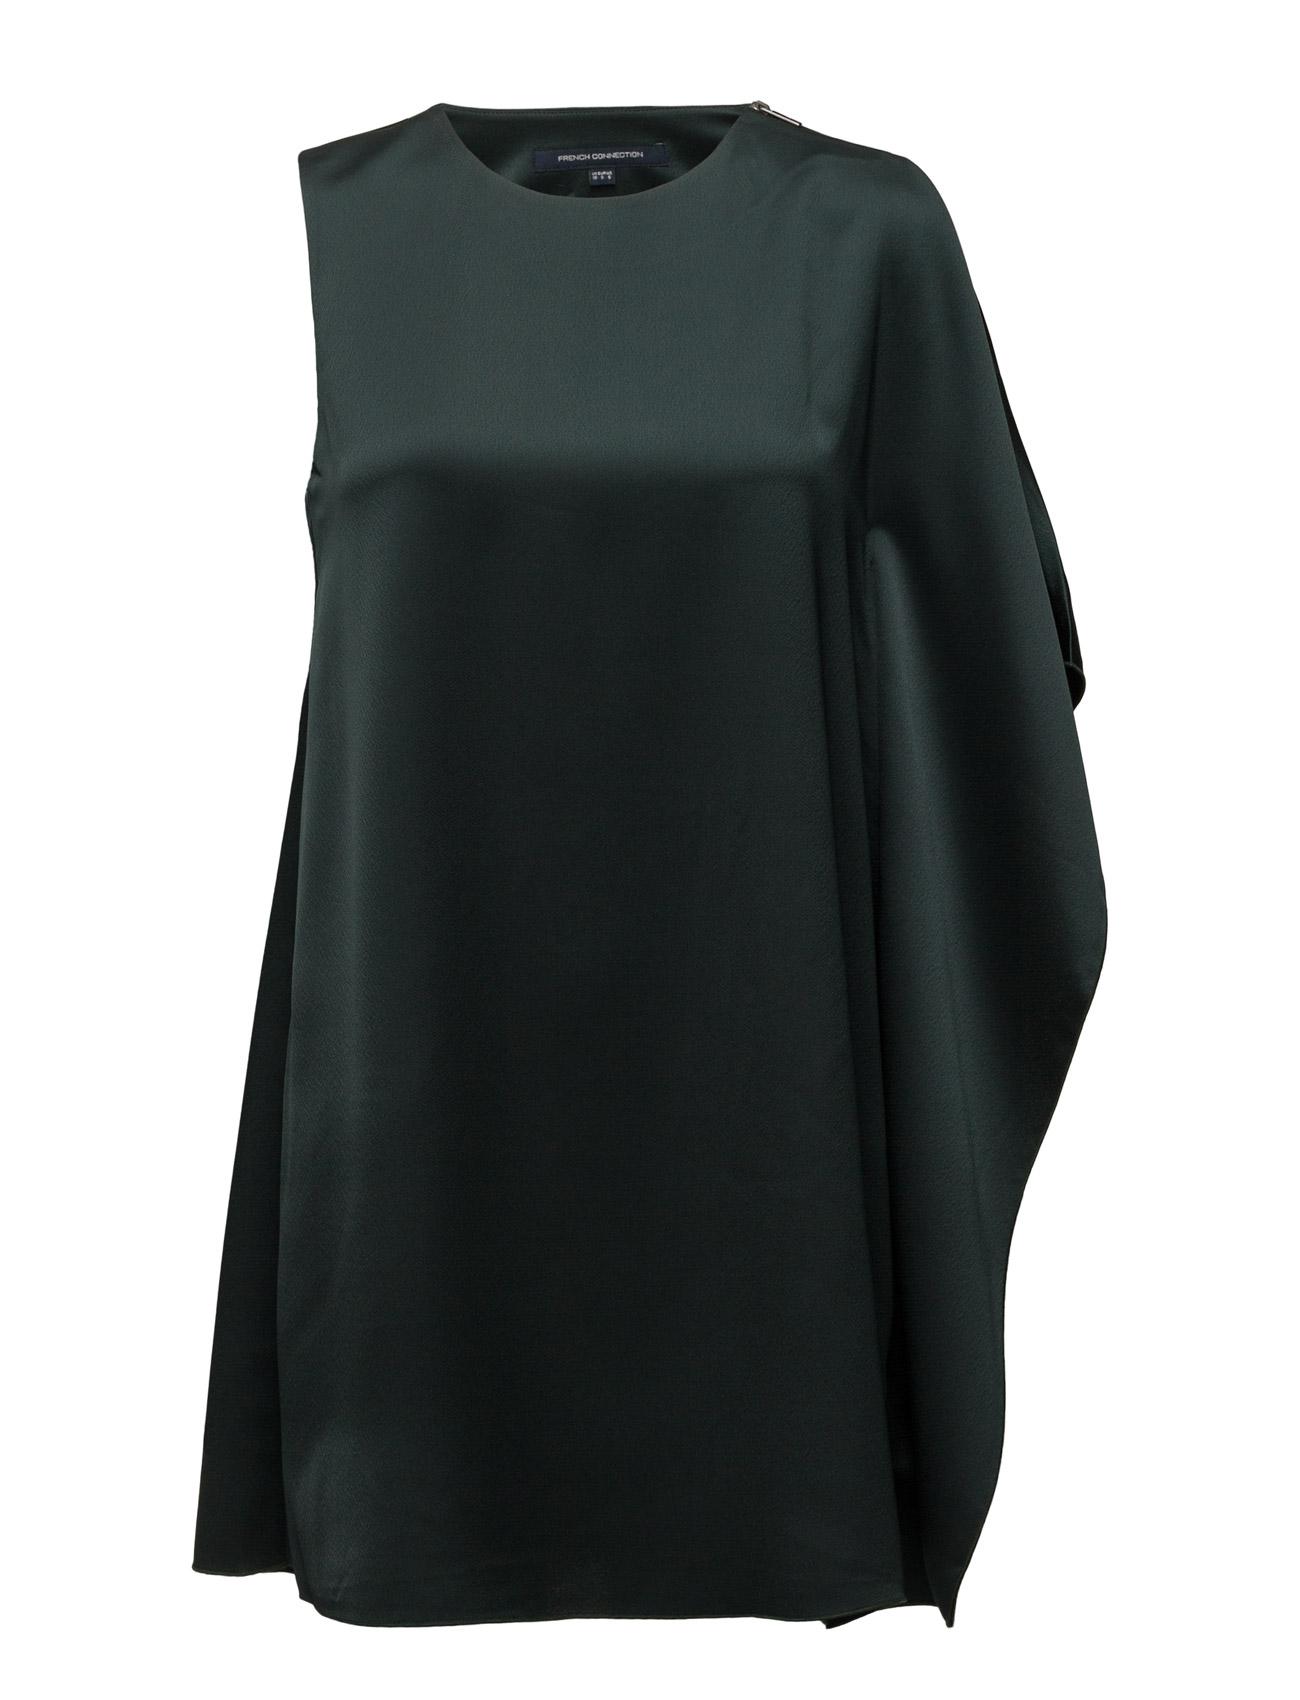 Sasha Satin S/Lss Fluted Dress French Connection Korte kjoler til Kvinder i